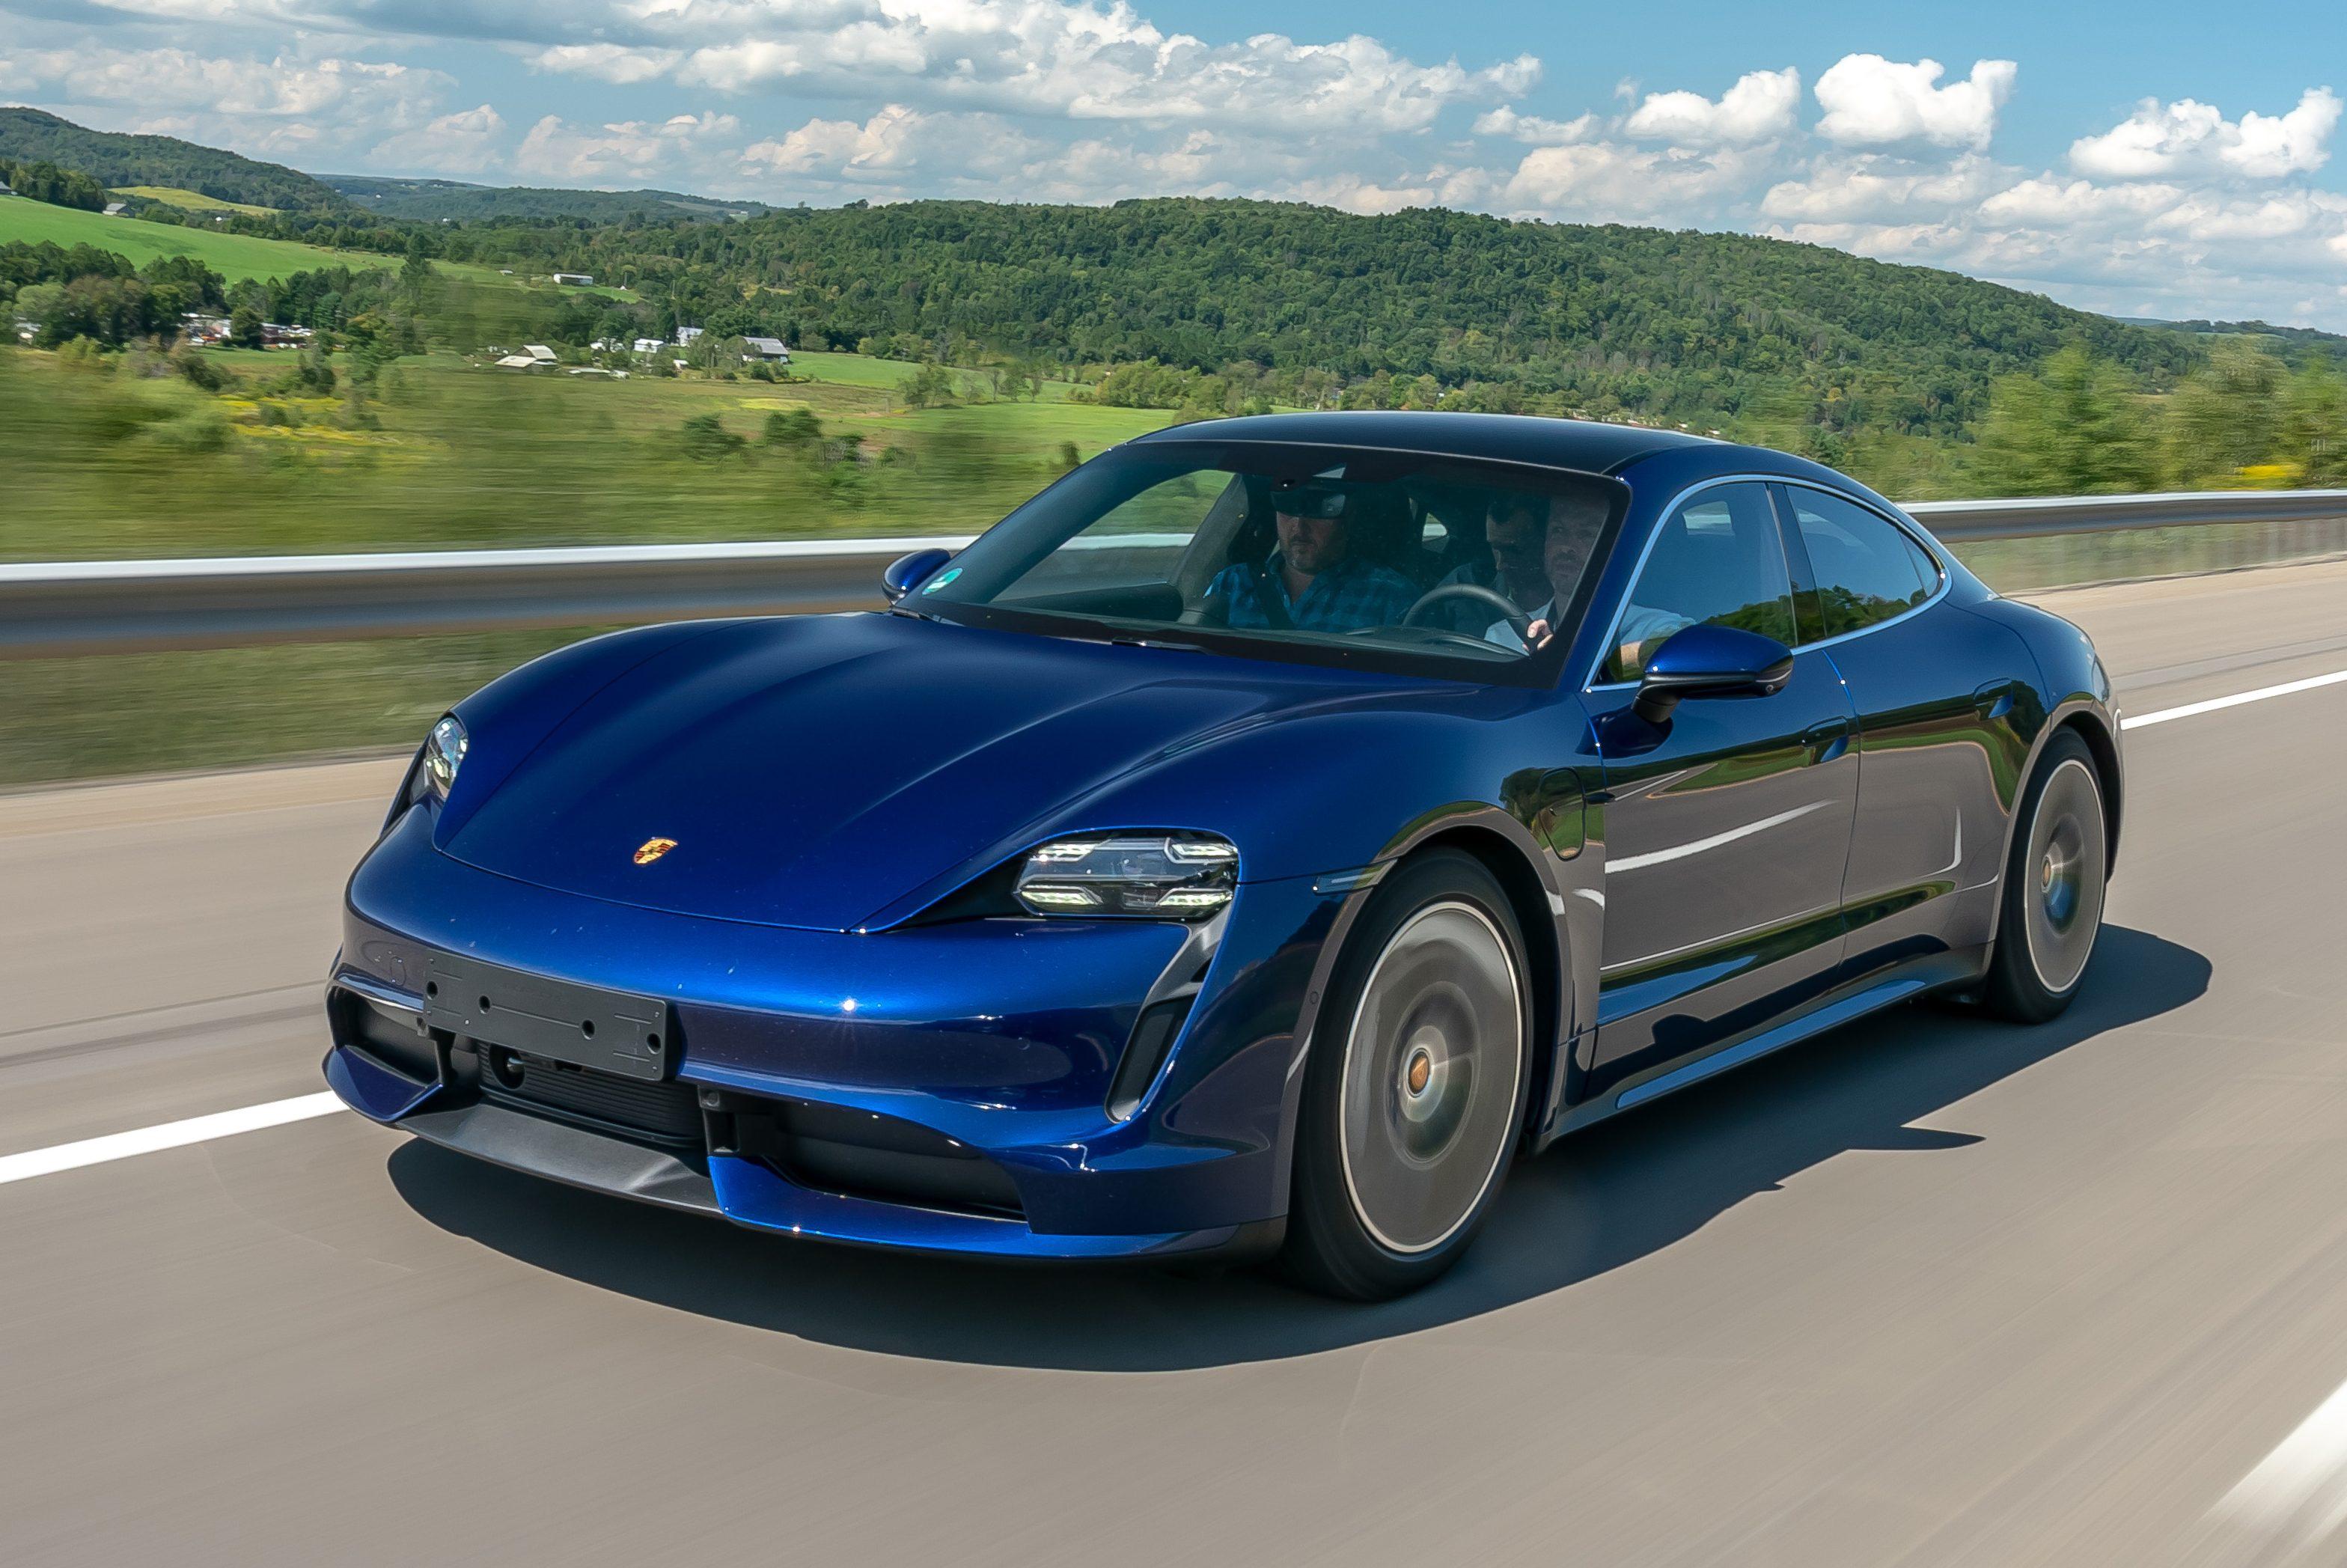 Eletrico Porsche Taycan Cobra Quase R 2 300 Para Ter Ronco De Esportivo Quatro Rodas